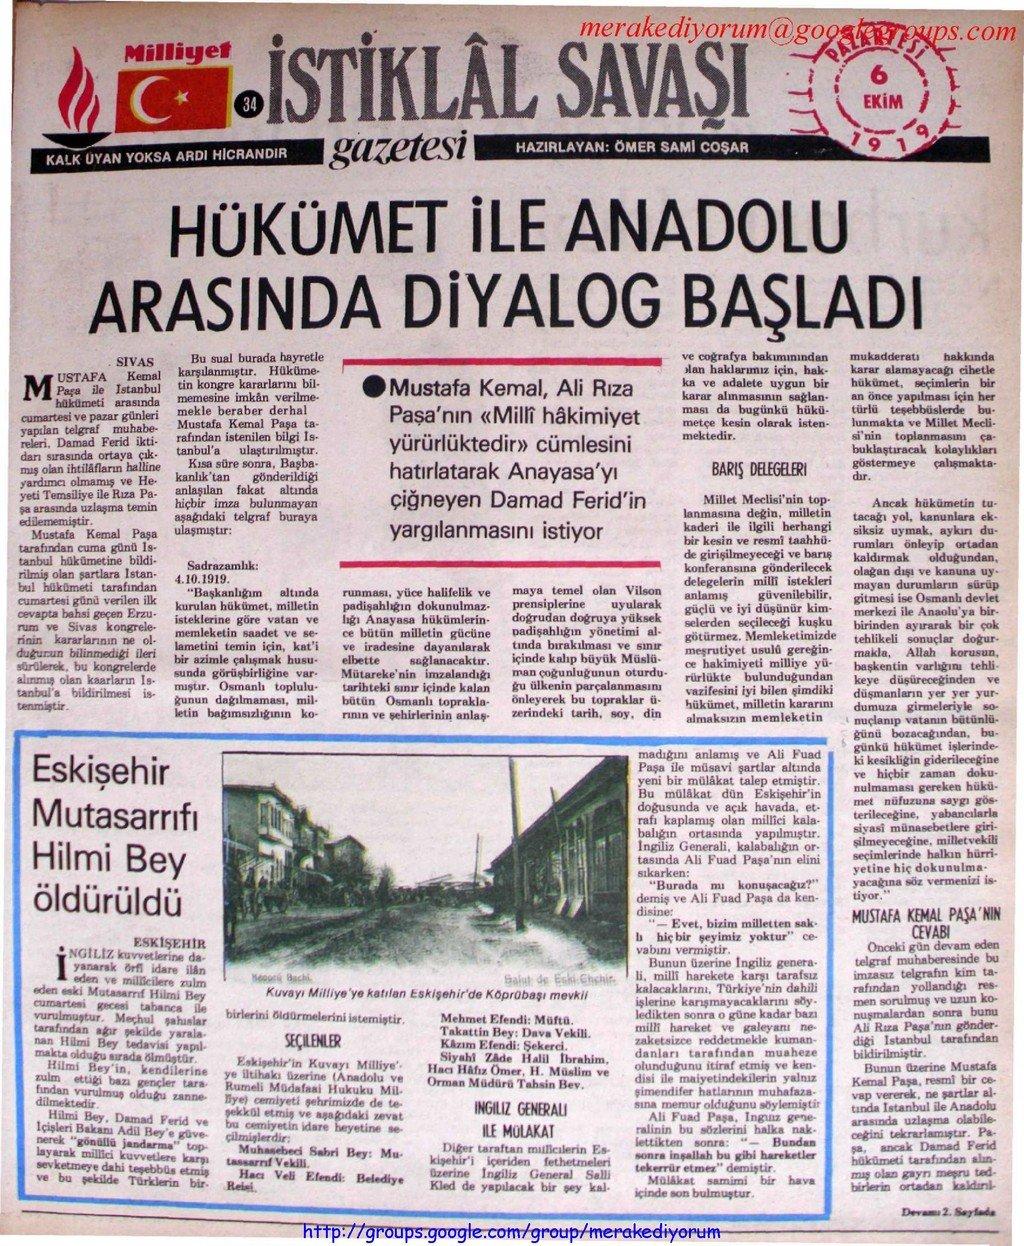 istiklal savaşı gazetesi - 6 ekim 1919